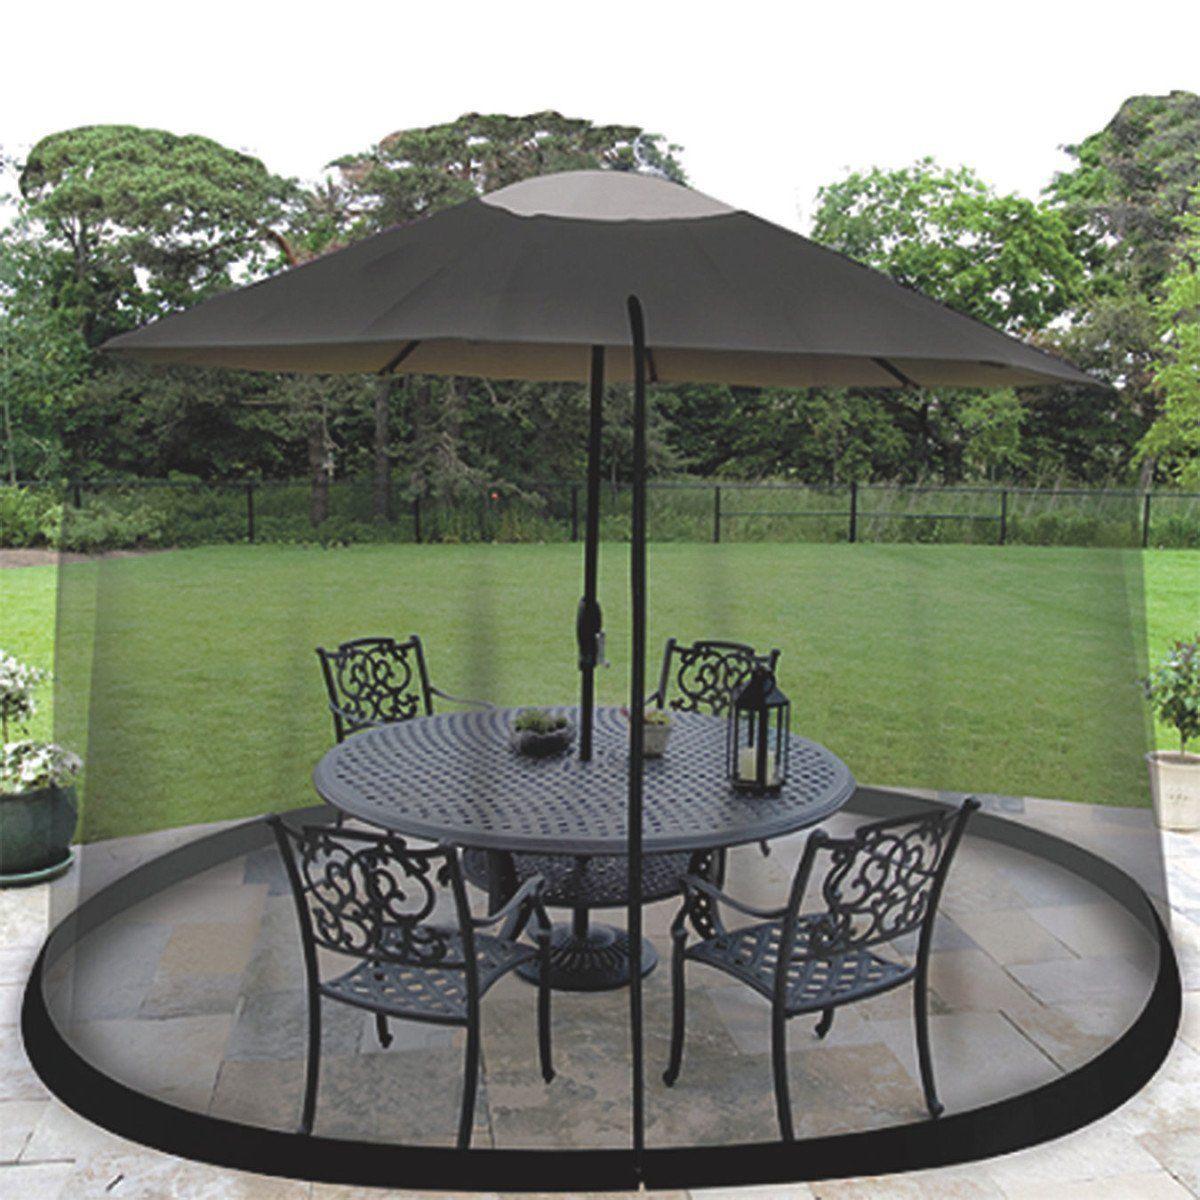 Amazon Com Ideaworks Jb5677 Outdoor 7 5 To 11 Foot Umbrella Table Screen Black Patio Umbrellas Patio Patio Umbrella Patio Umbrellas Outdoor Patio Table